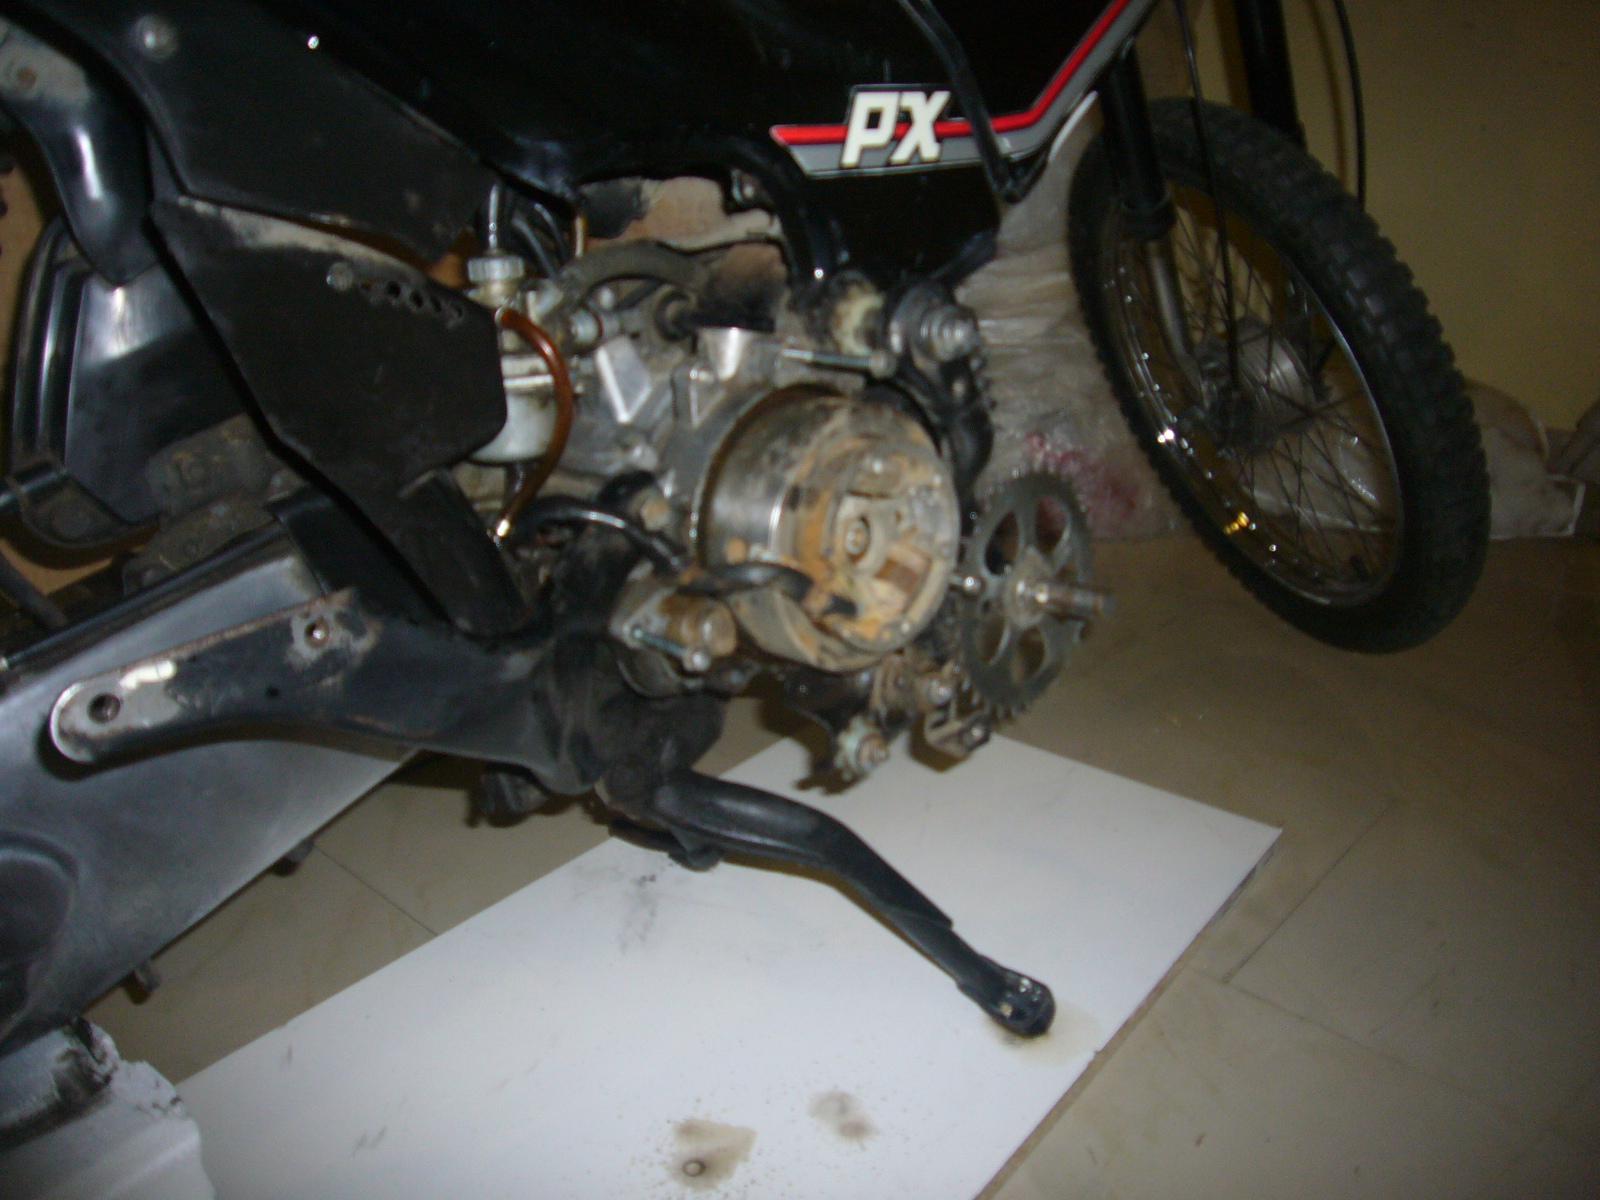 HONDA -  Mi Honda PX '84 - Página 2 F1ea796fcb1280d6cccda5e5654c0b5do